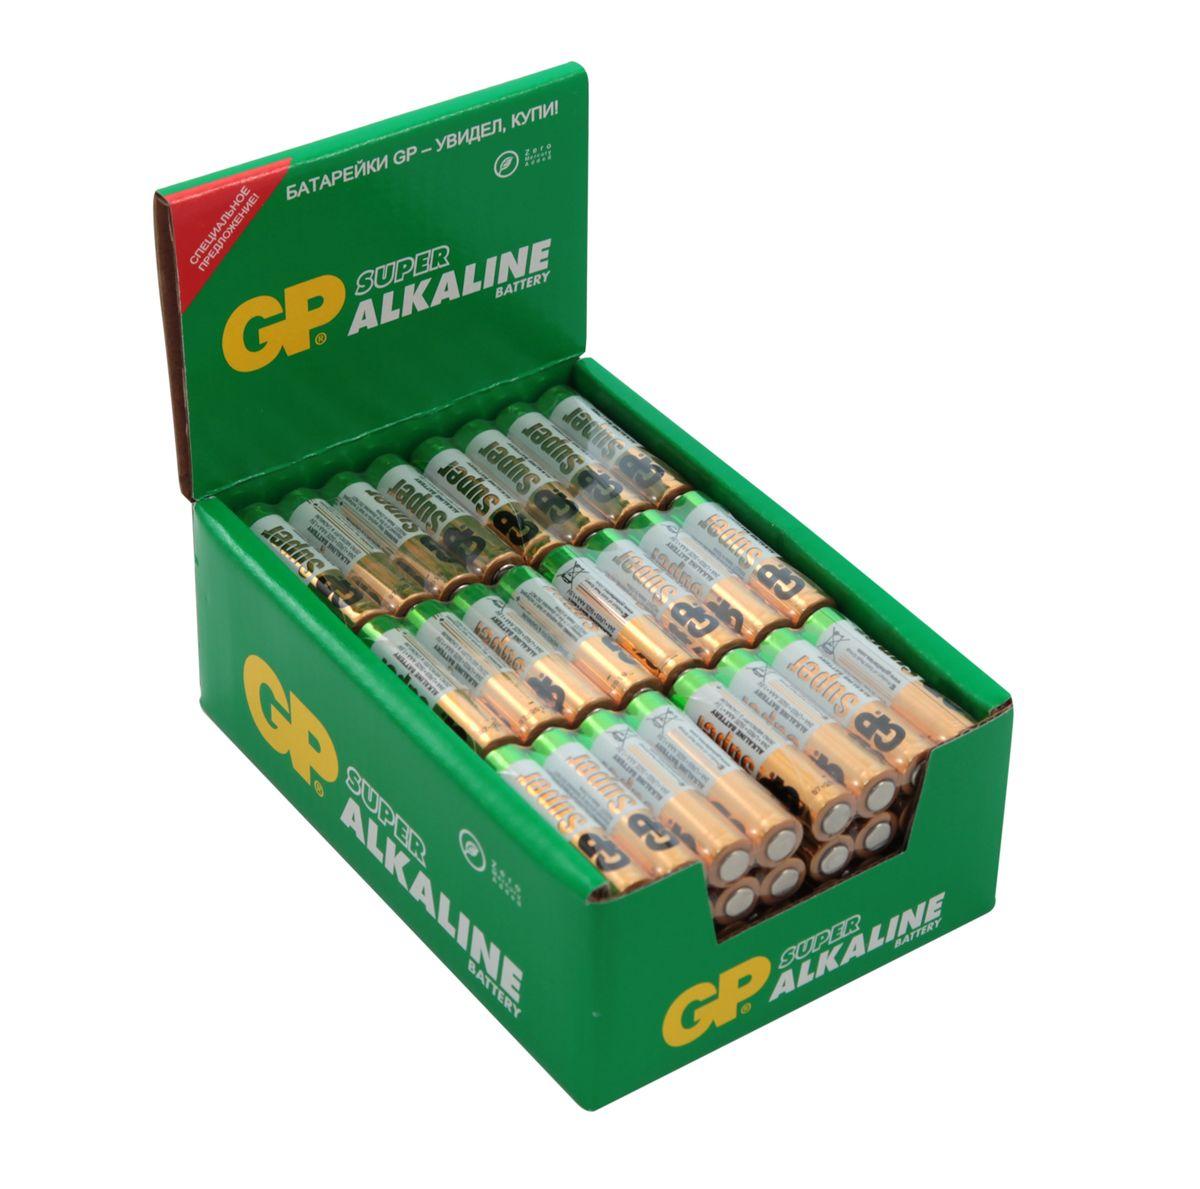 Набор алкалиновых батареек GP Batteries Super Alkaline, тип ААА, 96 шт2915Батарейки GP Super Alkaline прекрасно подходят для увеличивающейся потребности в источниках питания для устройств повседневного использования. Идеальное соотношение цена/качество. Надежный продукт широкого спектра применения, подходящий для потребителей всех возрастов. * Увеличенная продолжительность работы * Огромный ассортимент типоразмеров * Длительный срок хранения (до 7 лет)